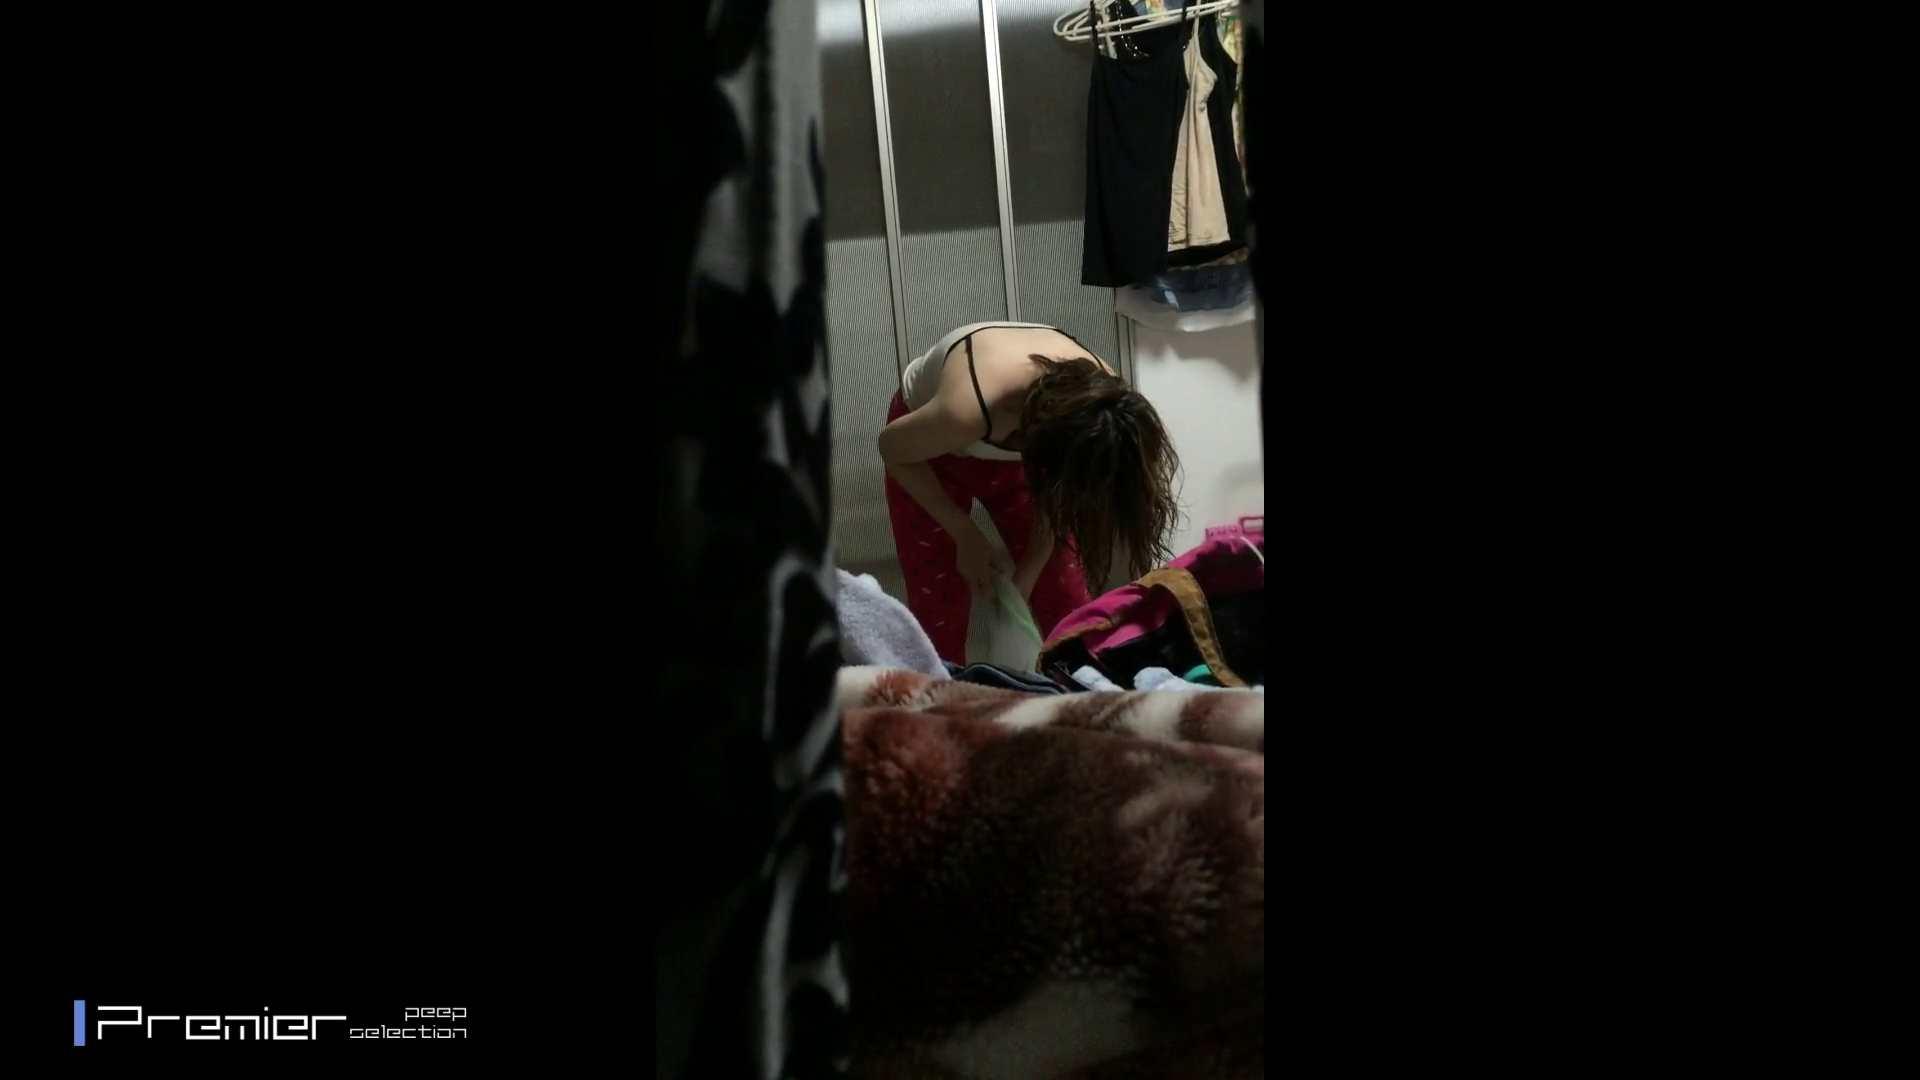 独り暮らし女子たちの着替え 美女達の私生活に潜入! ギャル | 美女H映像  40画像 17